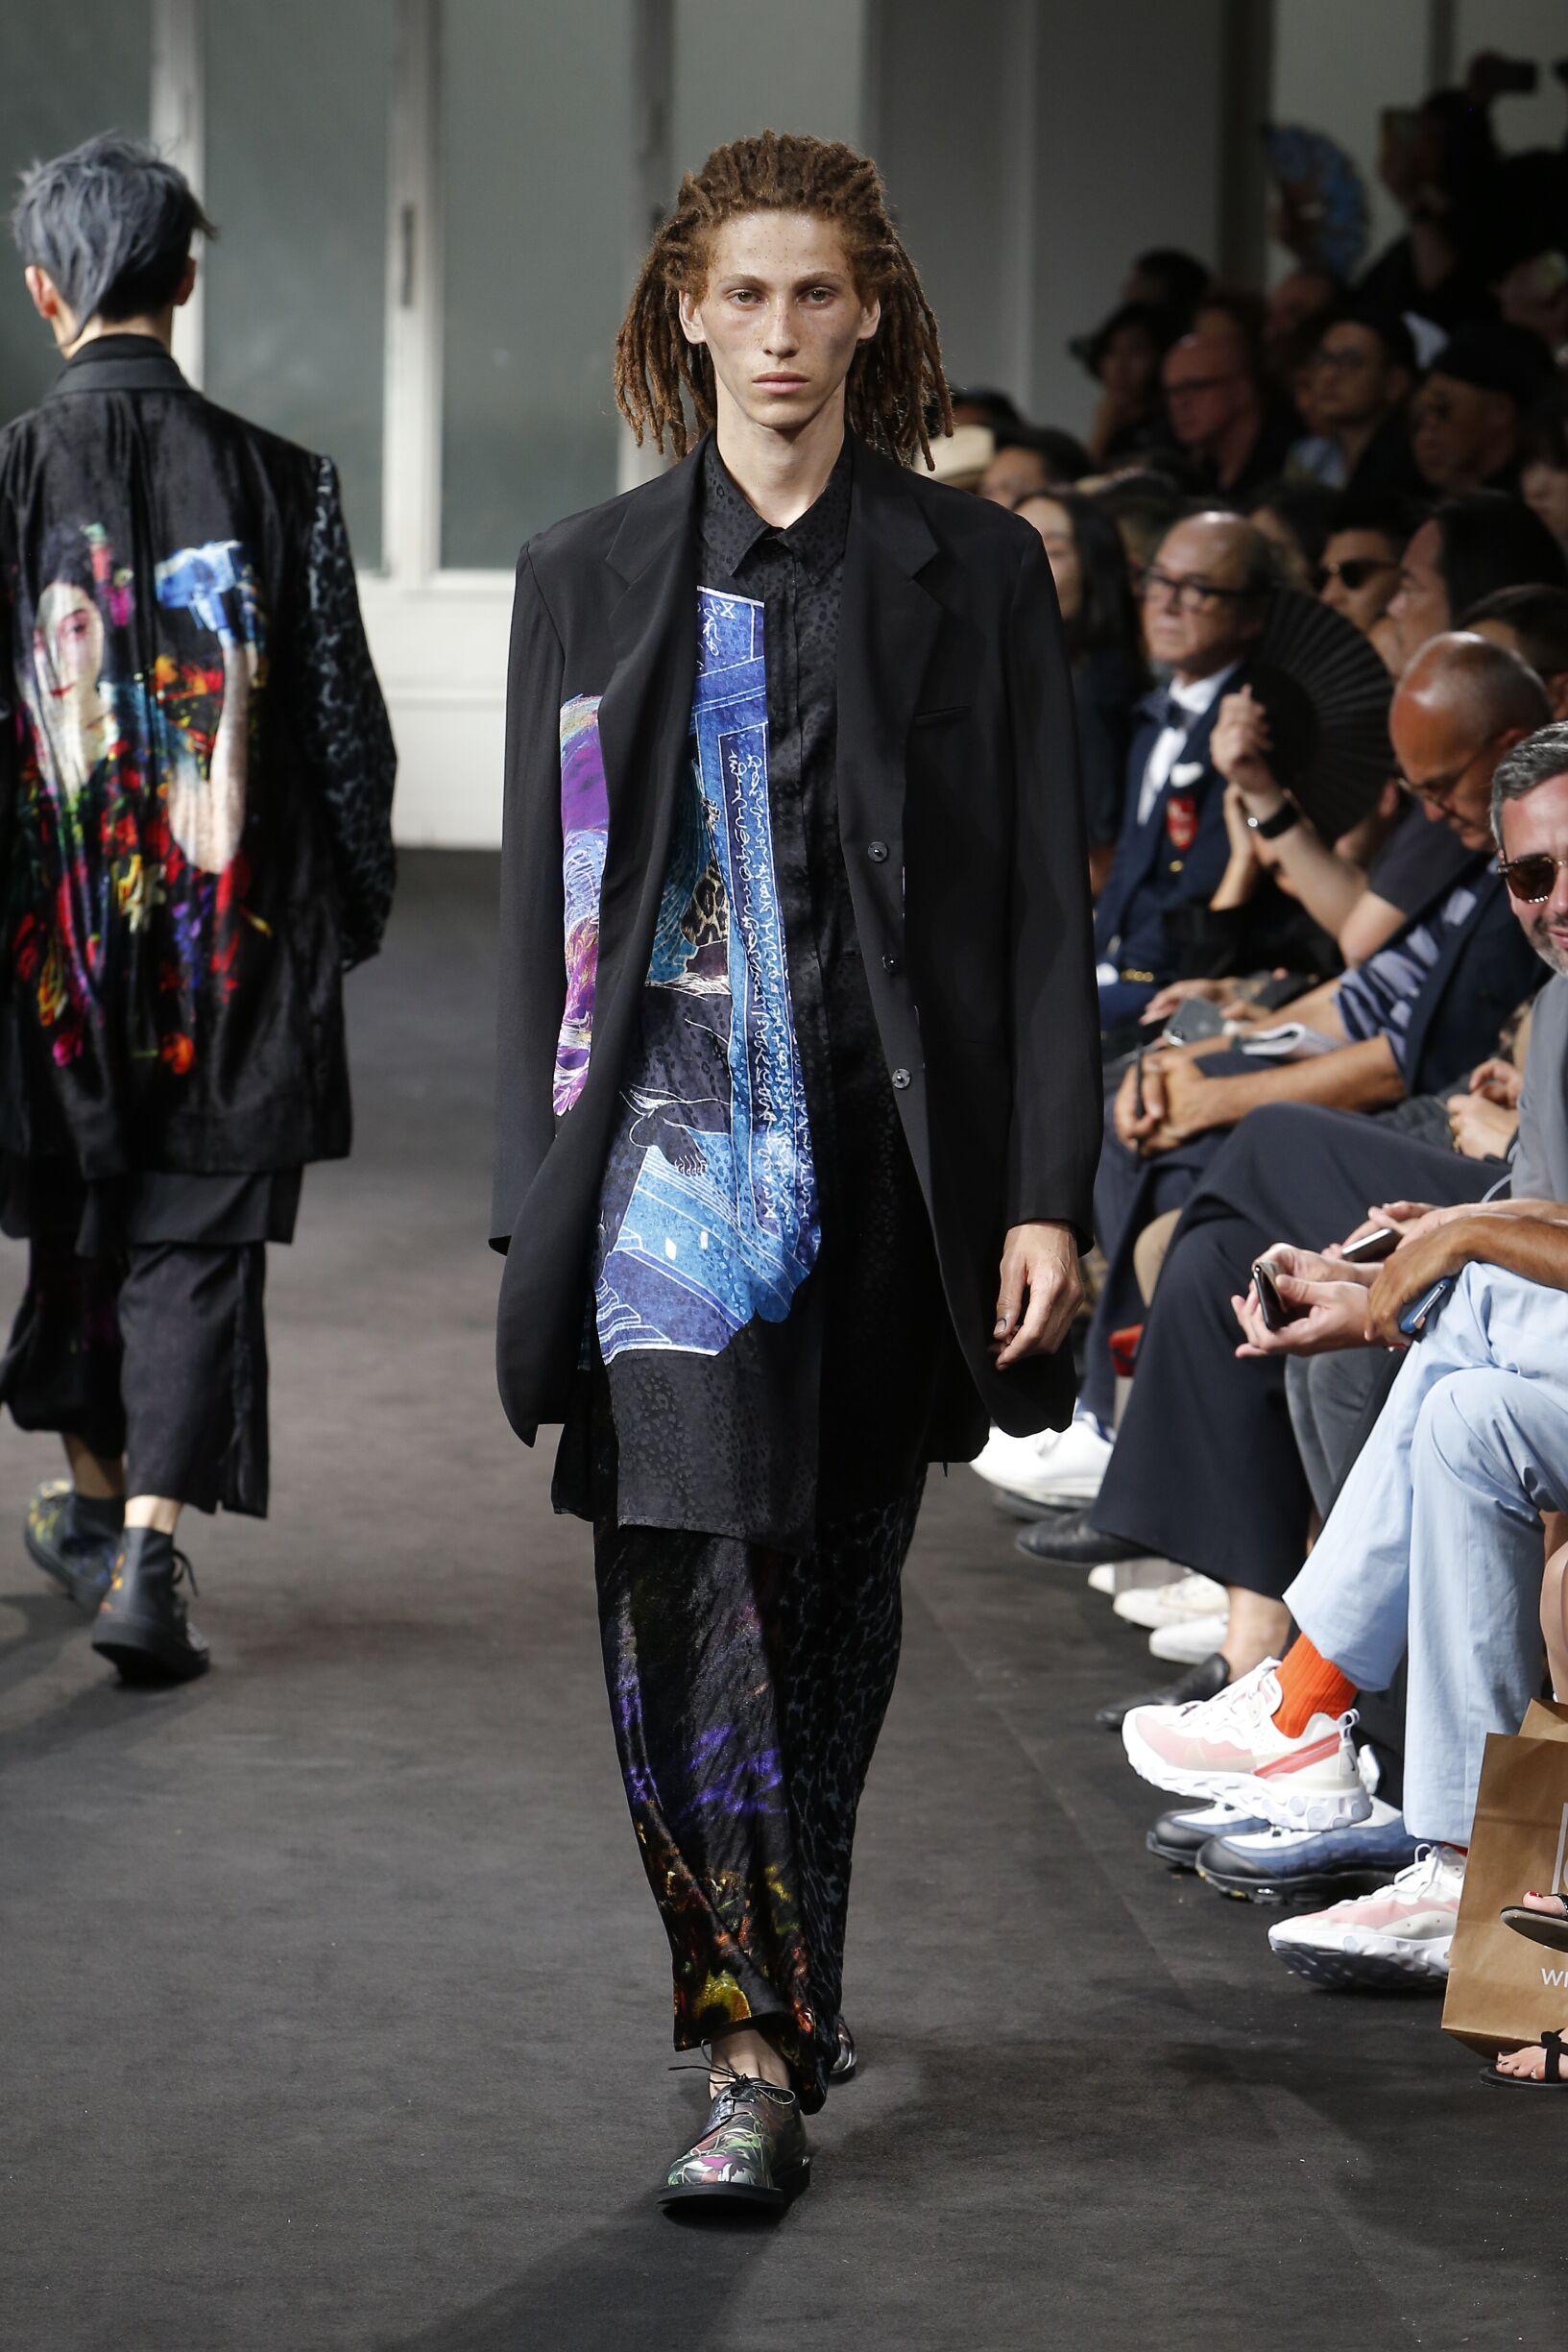 Yohji Yamamoto Summer 2019 Catwalk